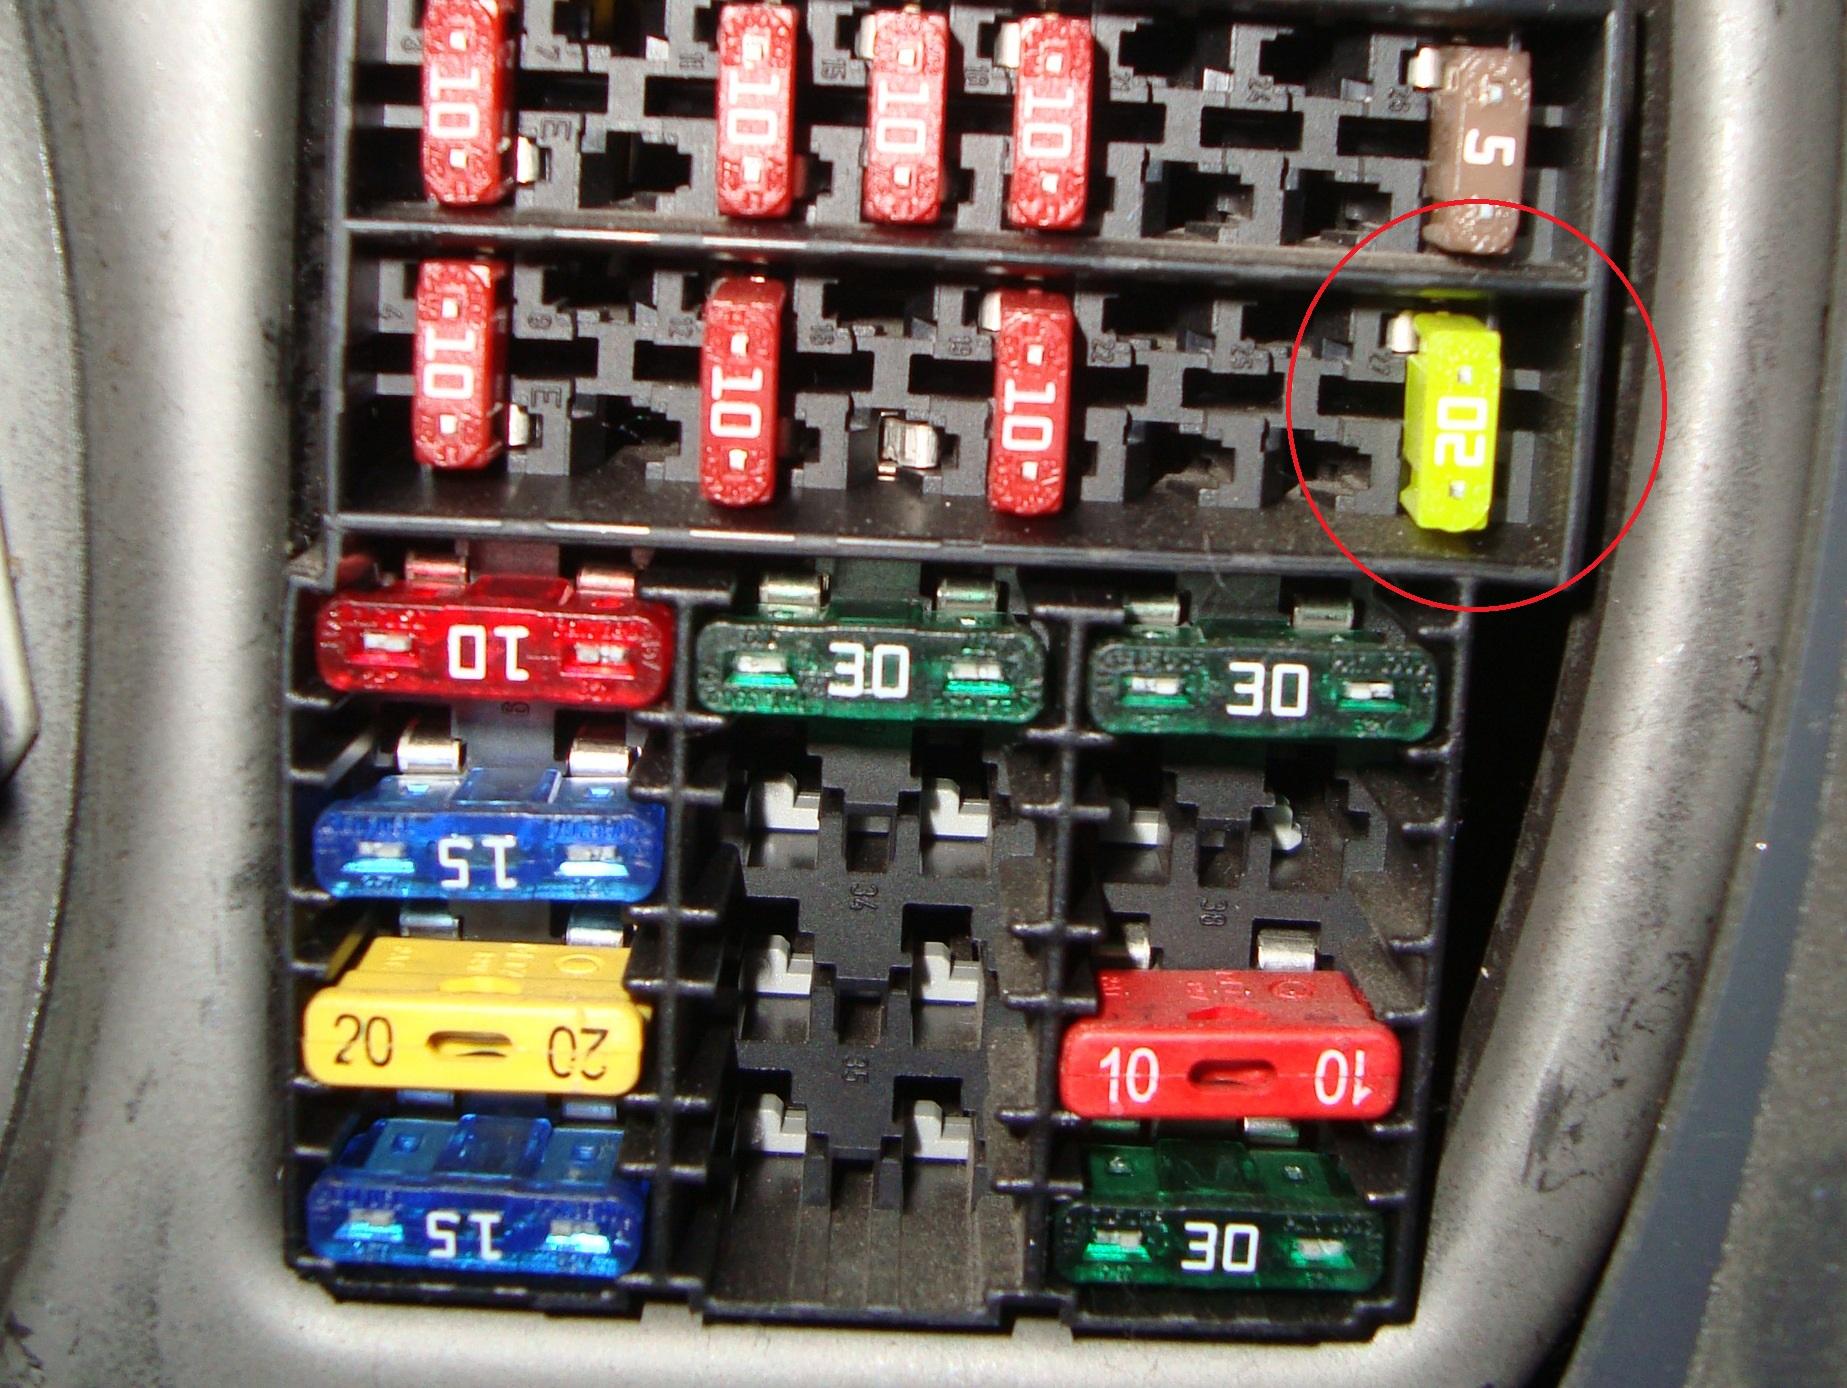 электрическая схема панели приборов рен логан